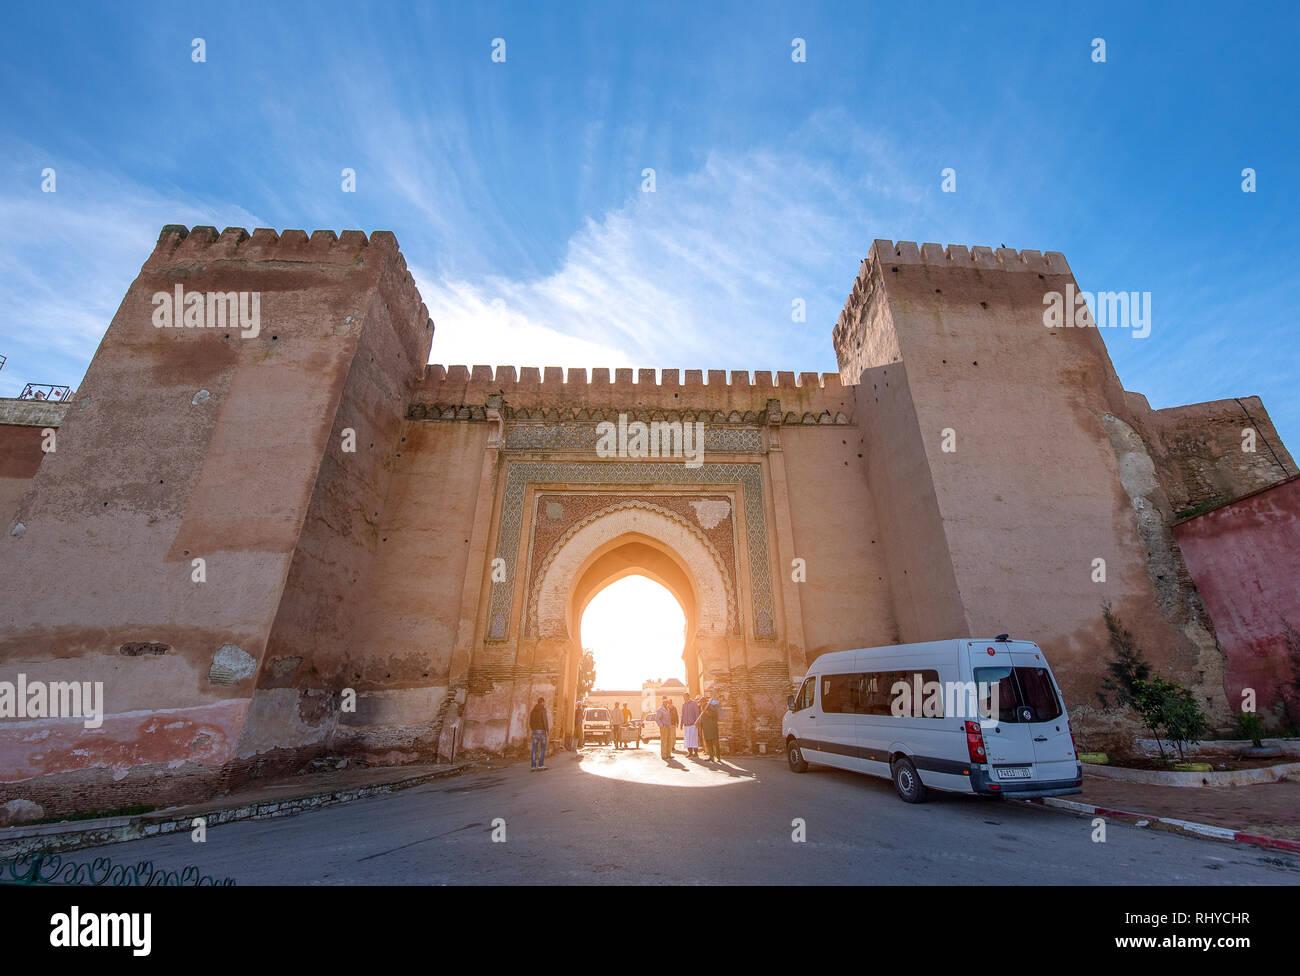 Meknes, Marokko - Ansicht von Meknes auf Bab Berdaine Tor. Meknes ist eine Stadt als UNESCO-Weltkulturerbe. Stockfoto